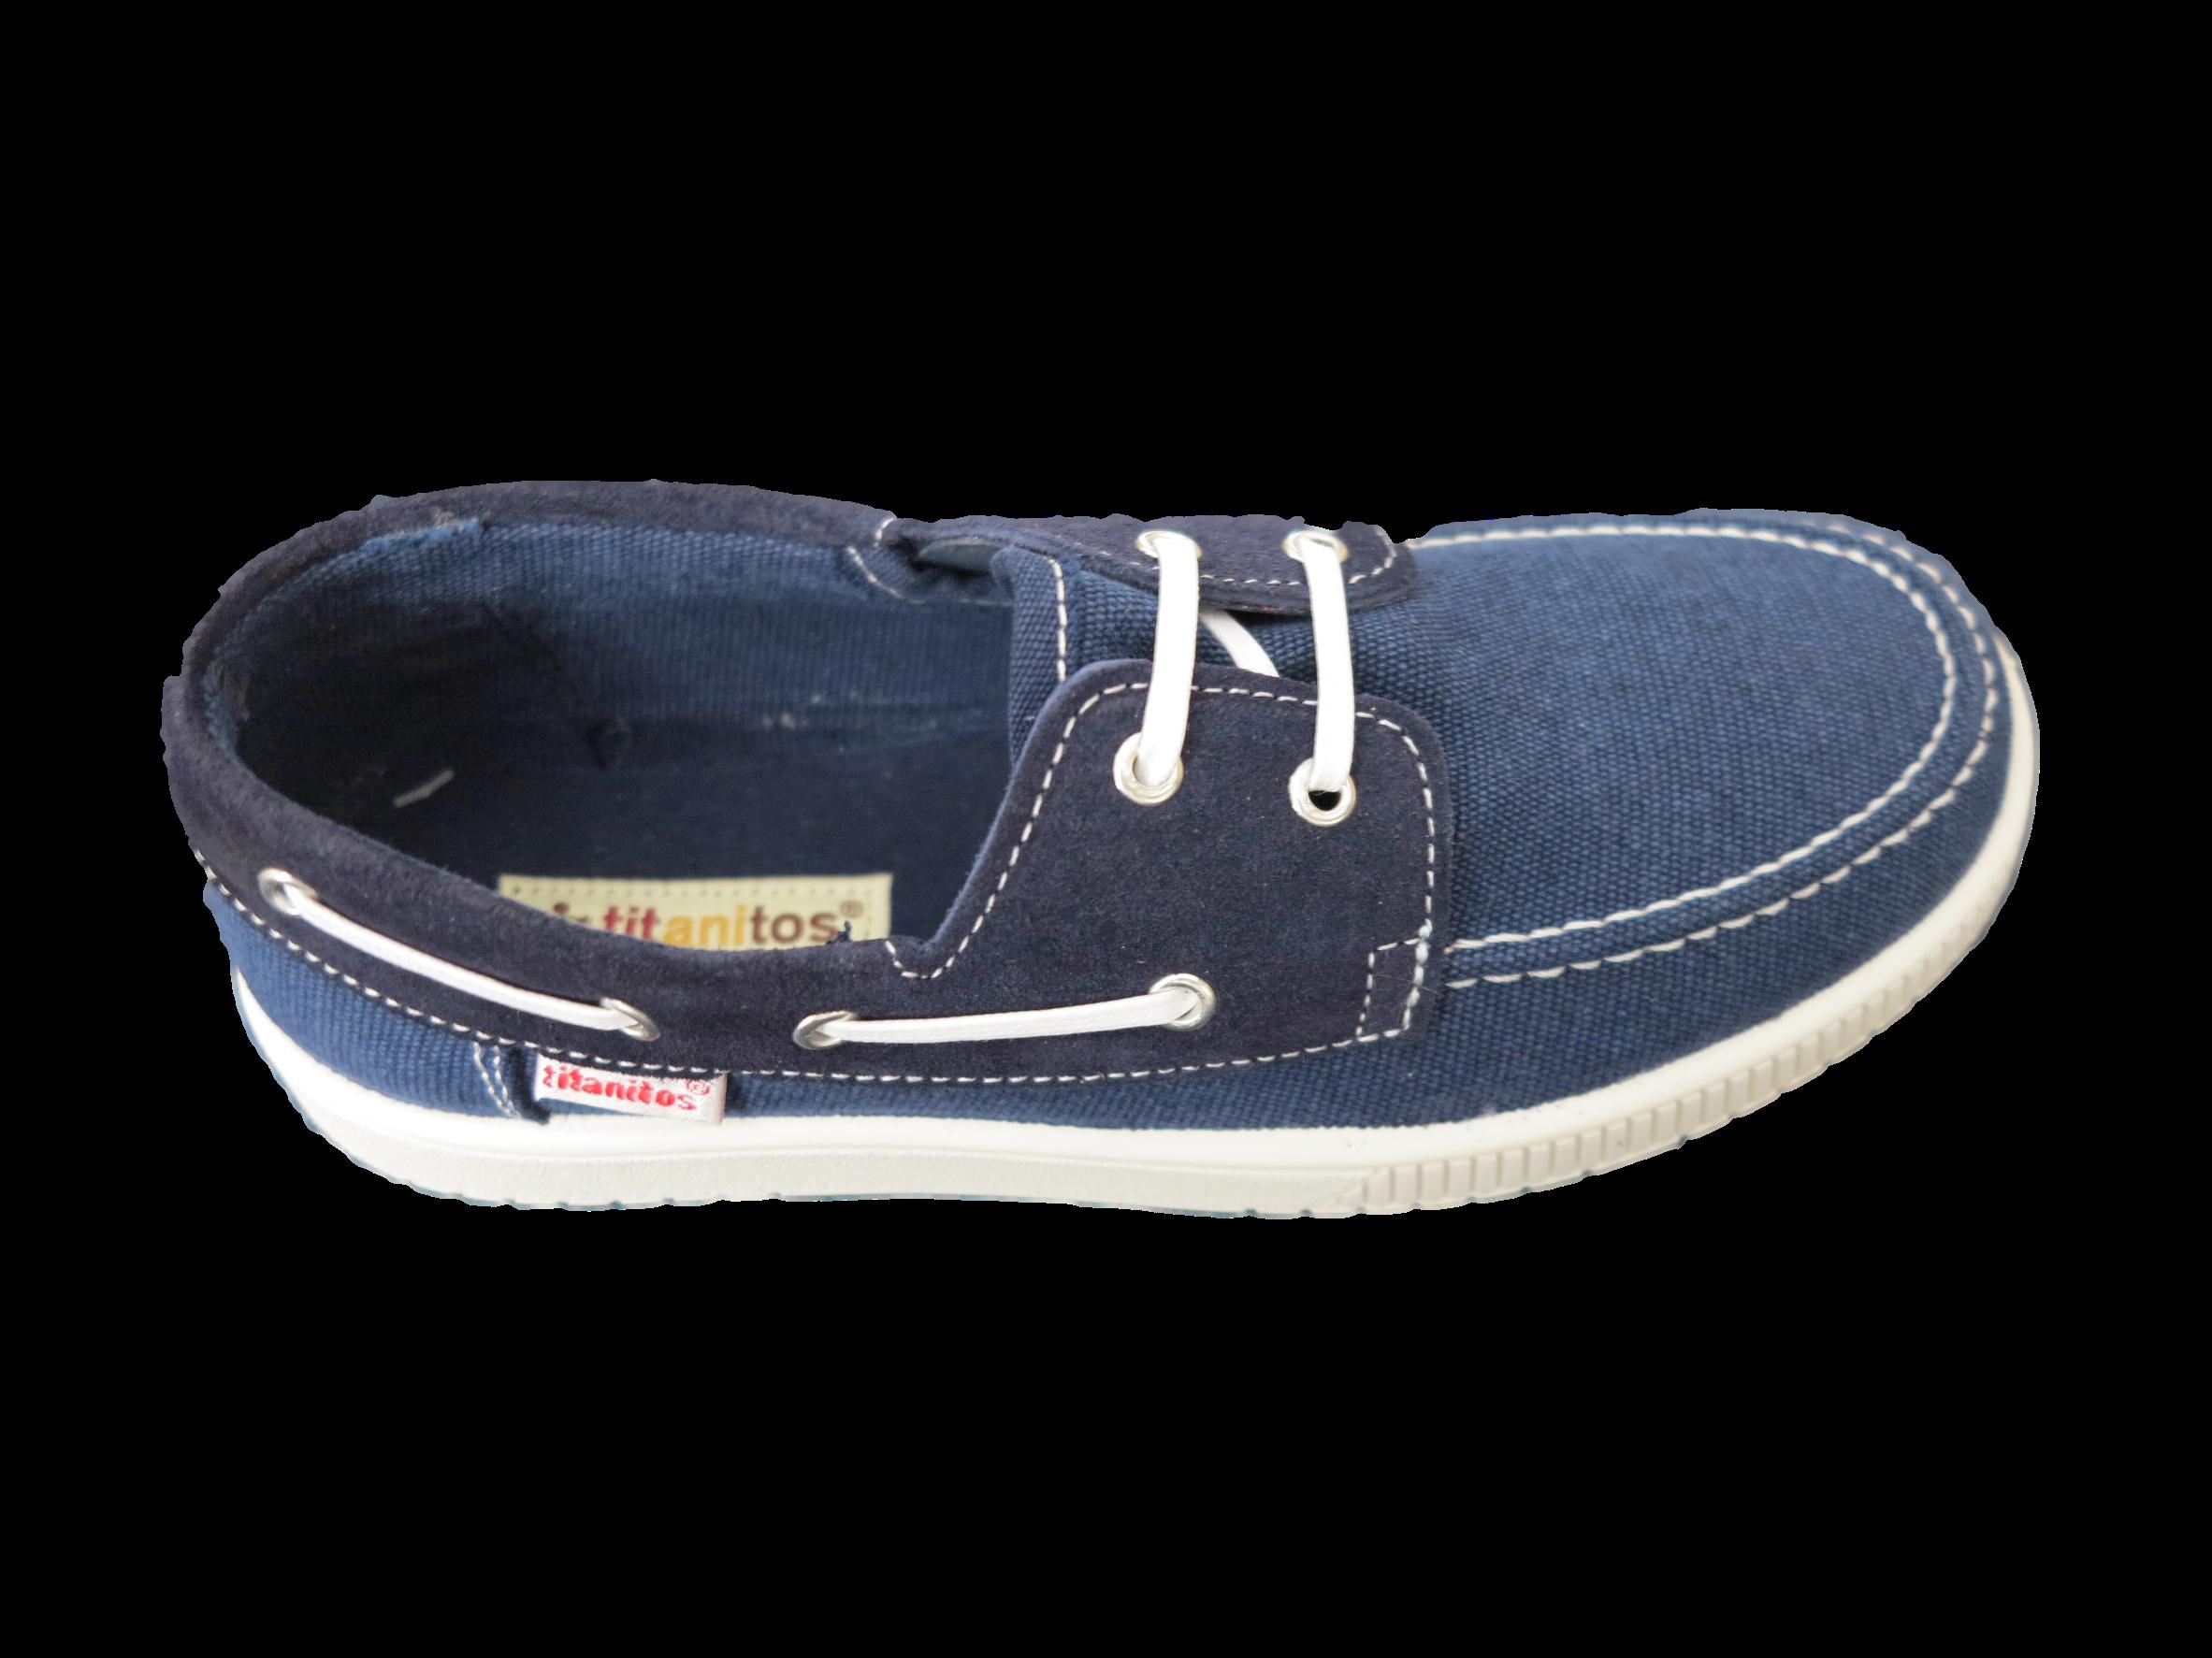 Sapatos rapaz34 Cyber Madeira